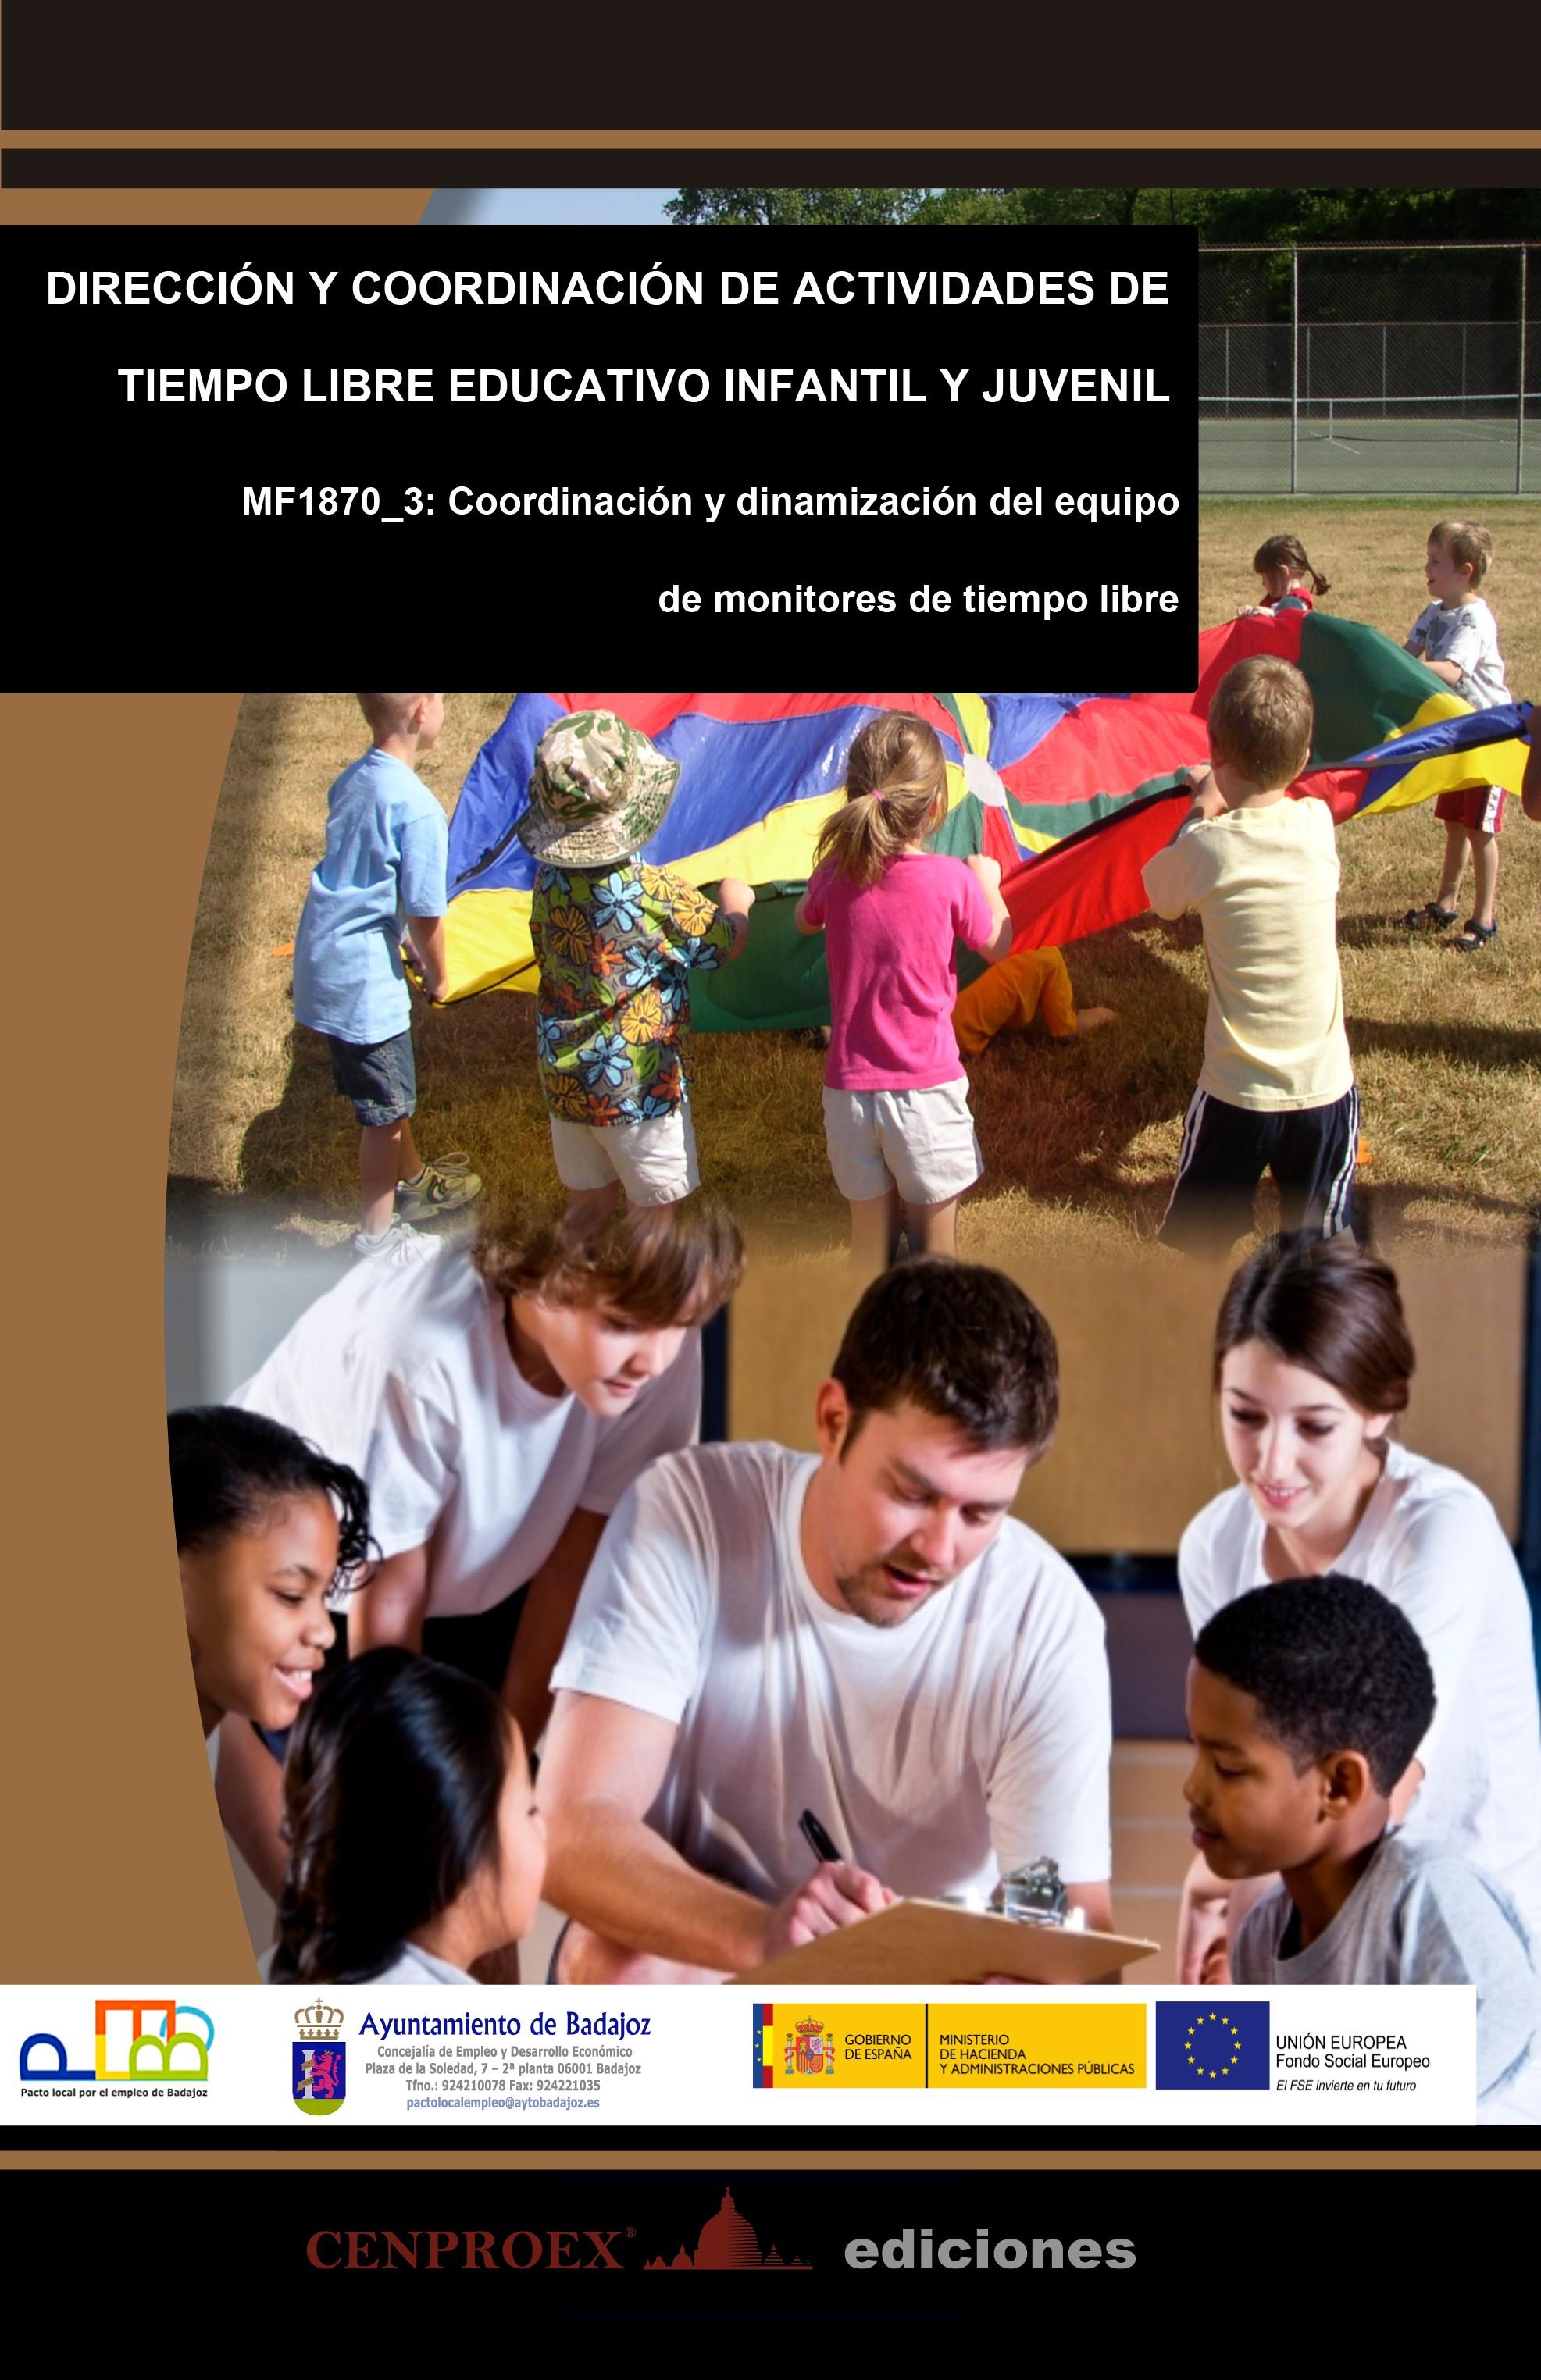 104. Dirección y Coordinación de Actividades de Tiempo Libre Educativo Infantil y Juvenil